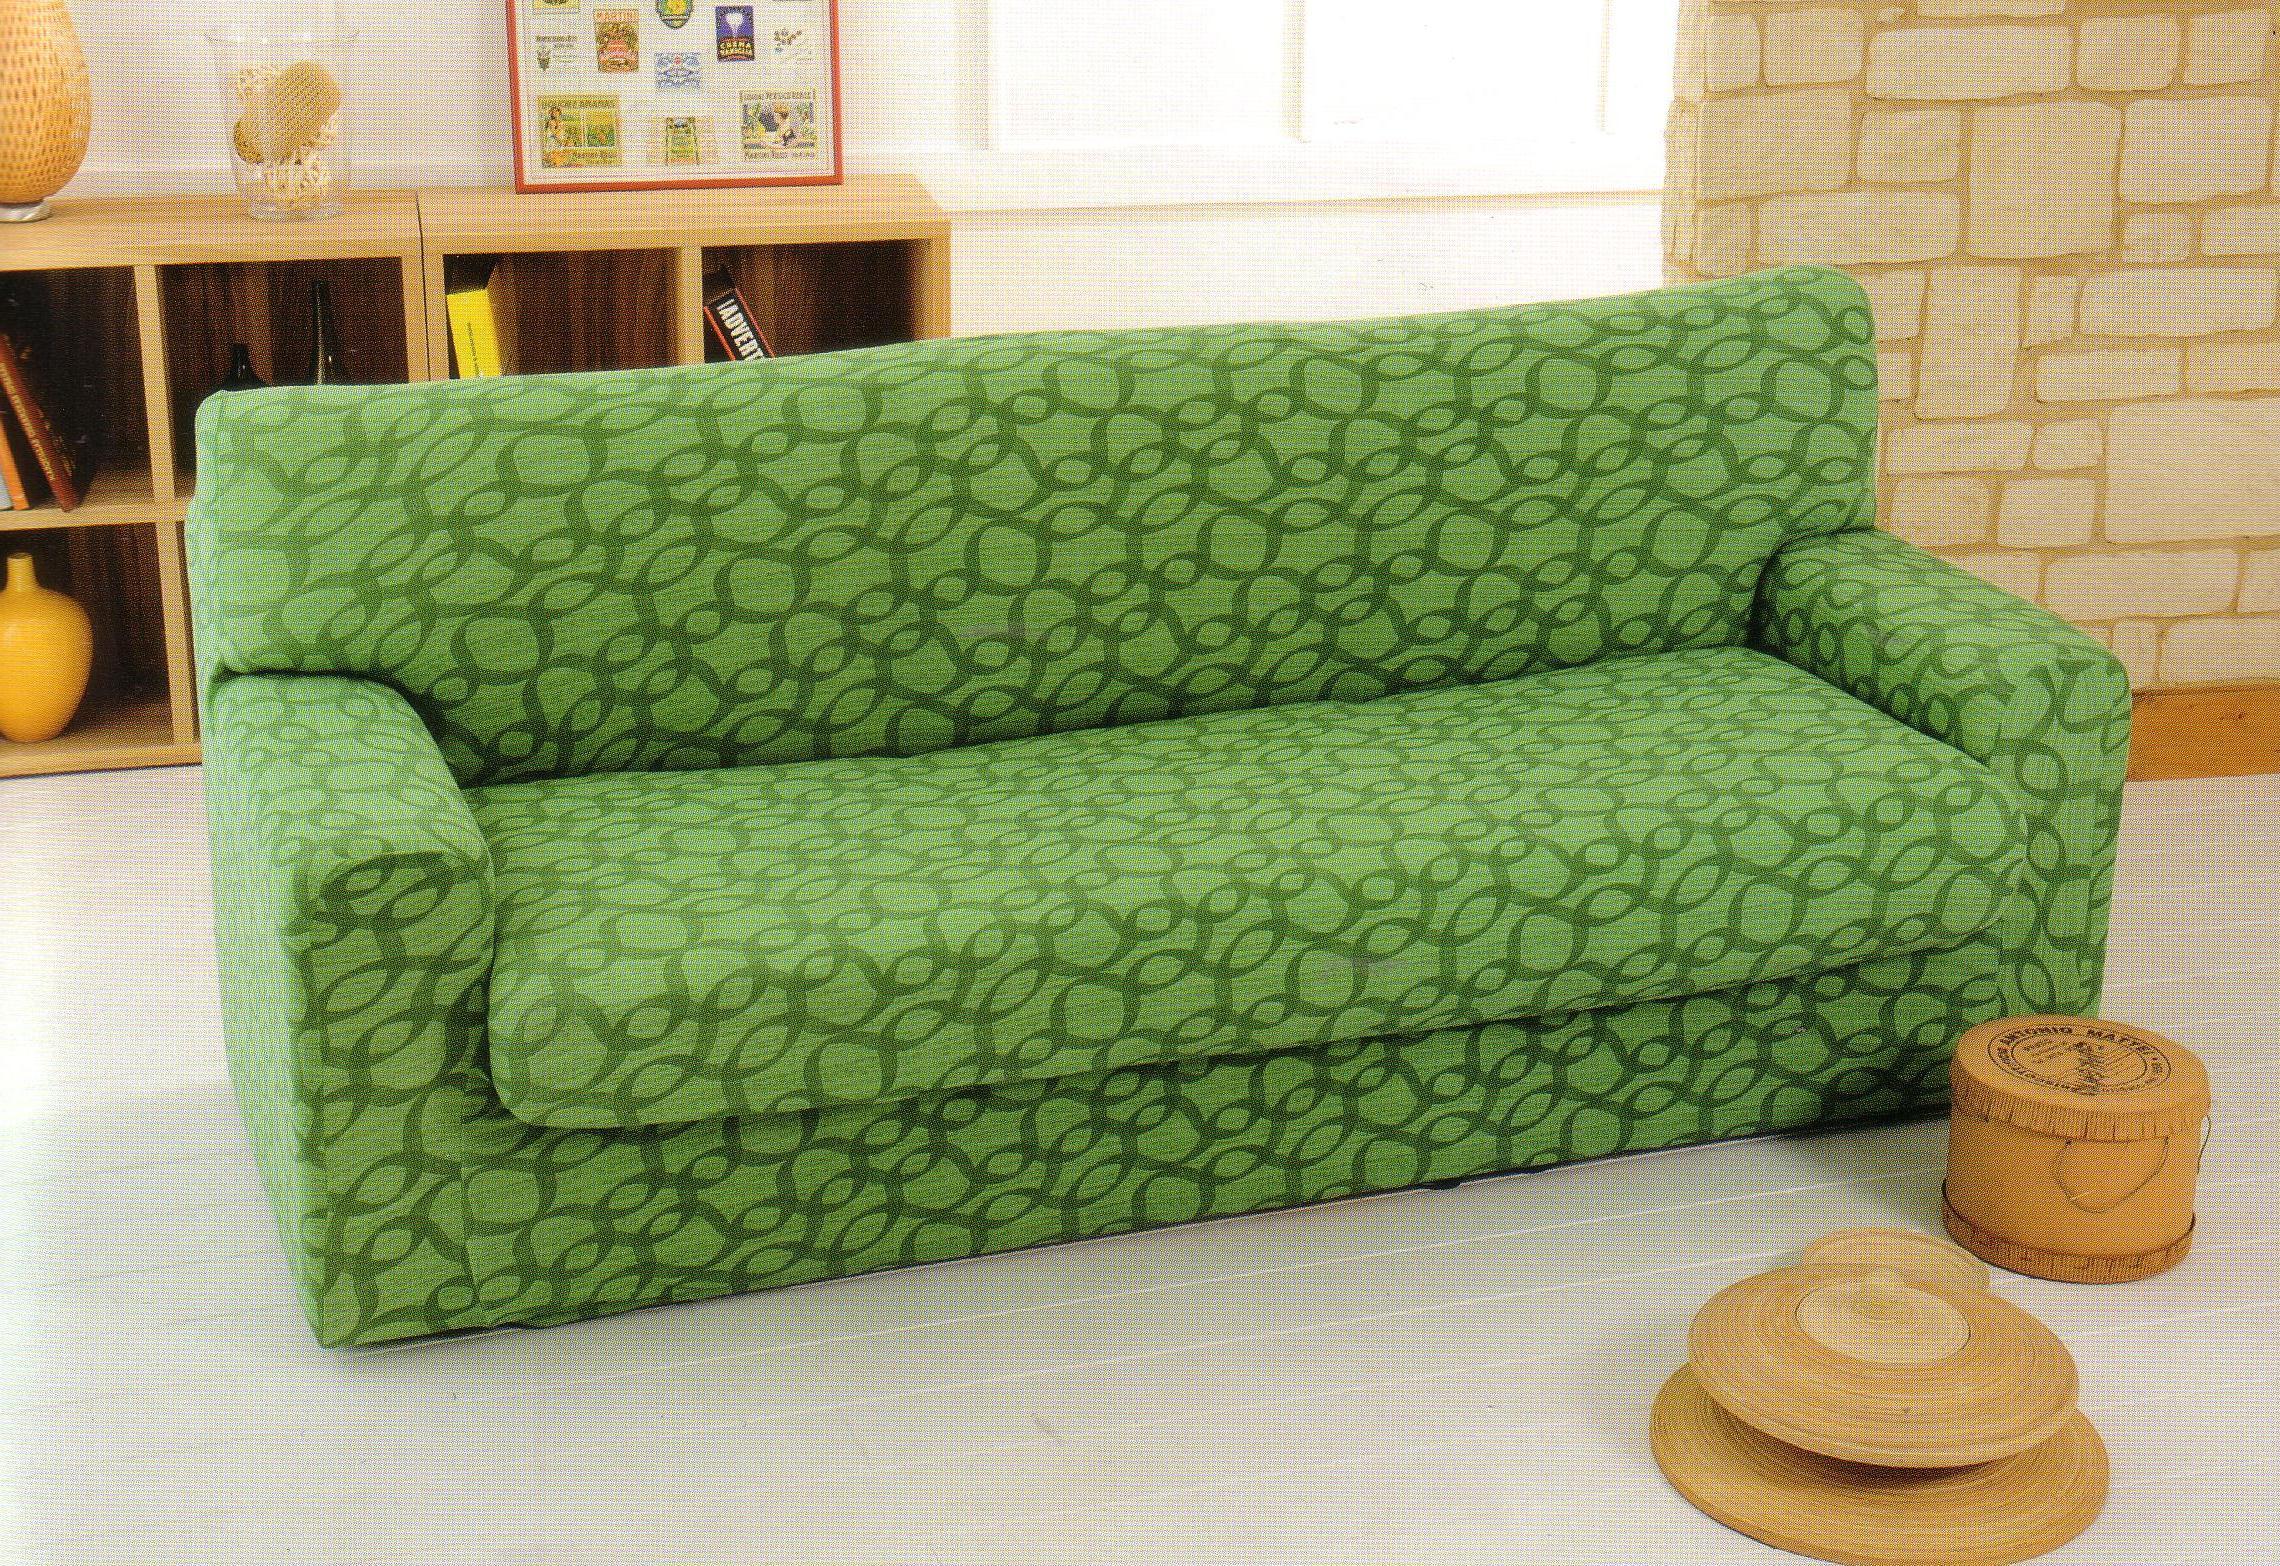 Copridivano 3 posti sofa cover fantasia - Copridivano per divani reclinabili ...